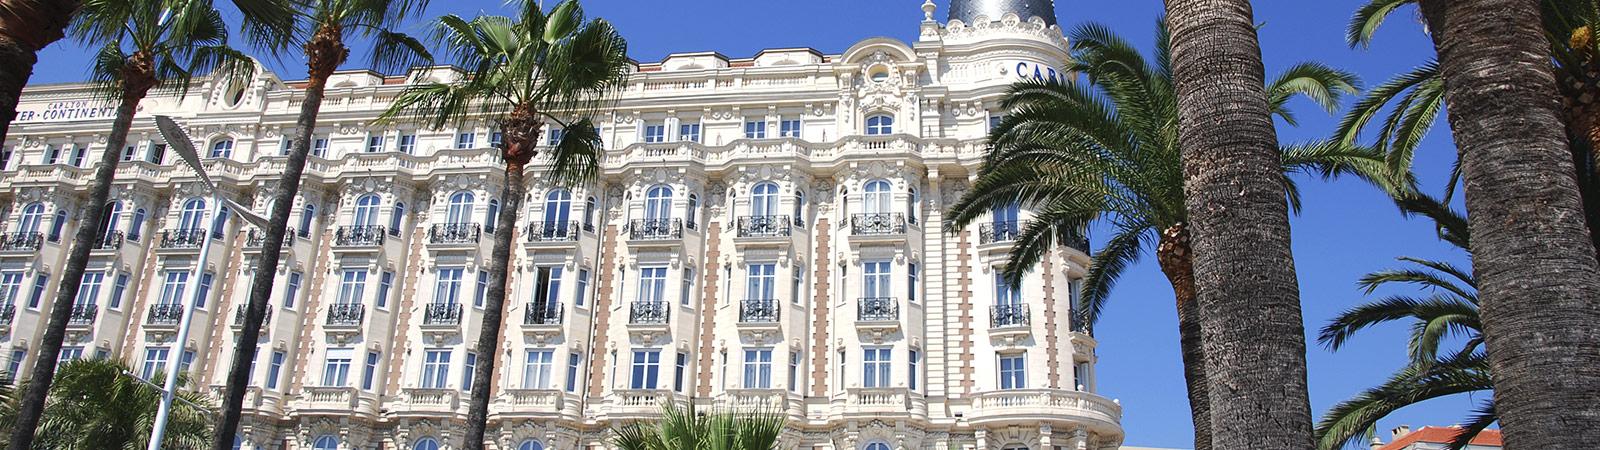 Ventu immo immobilier sur Cannes et la cte dAzur